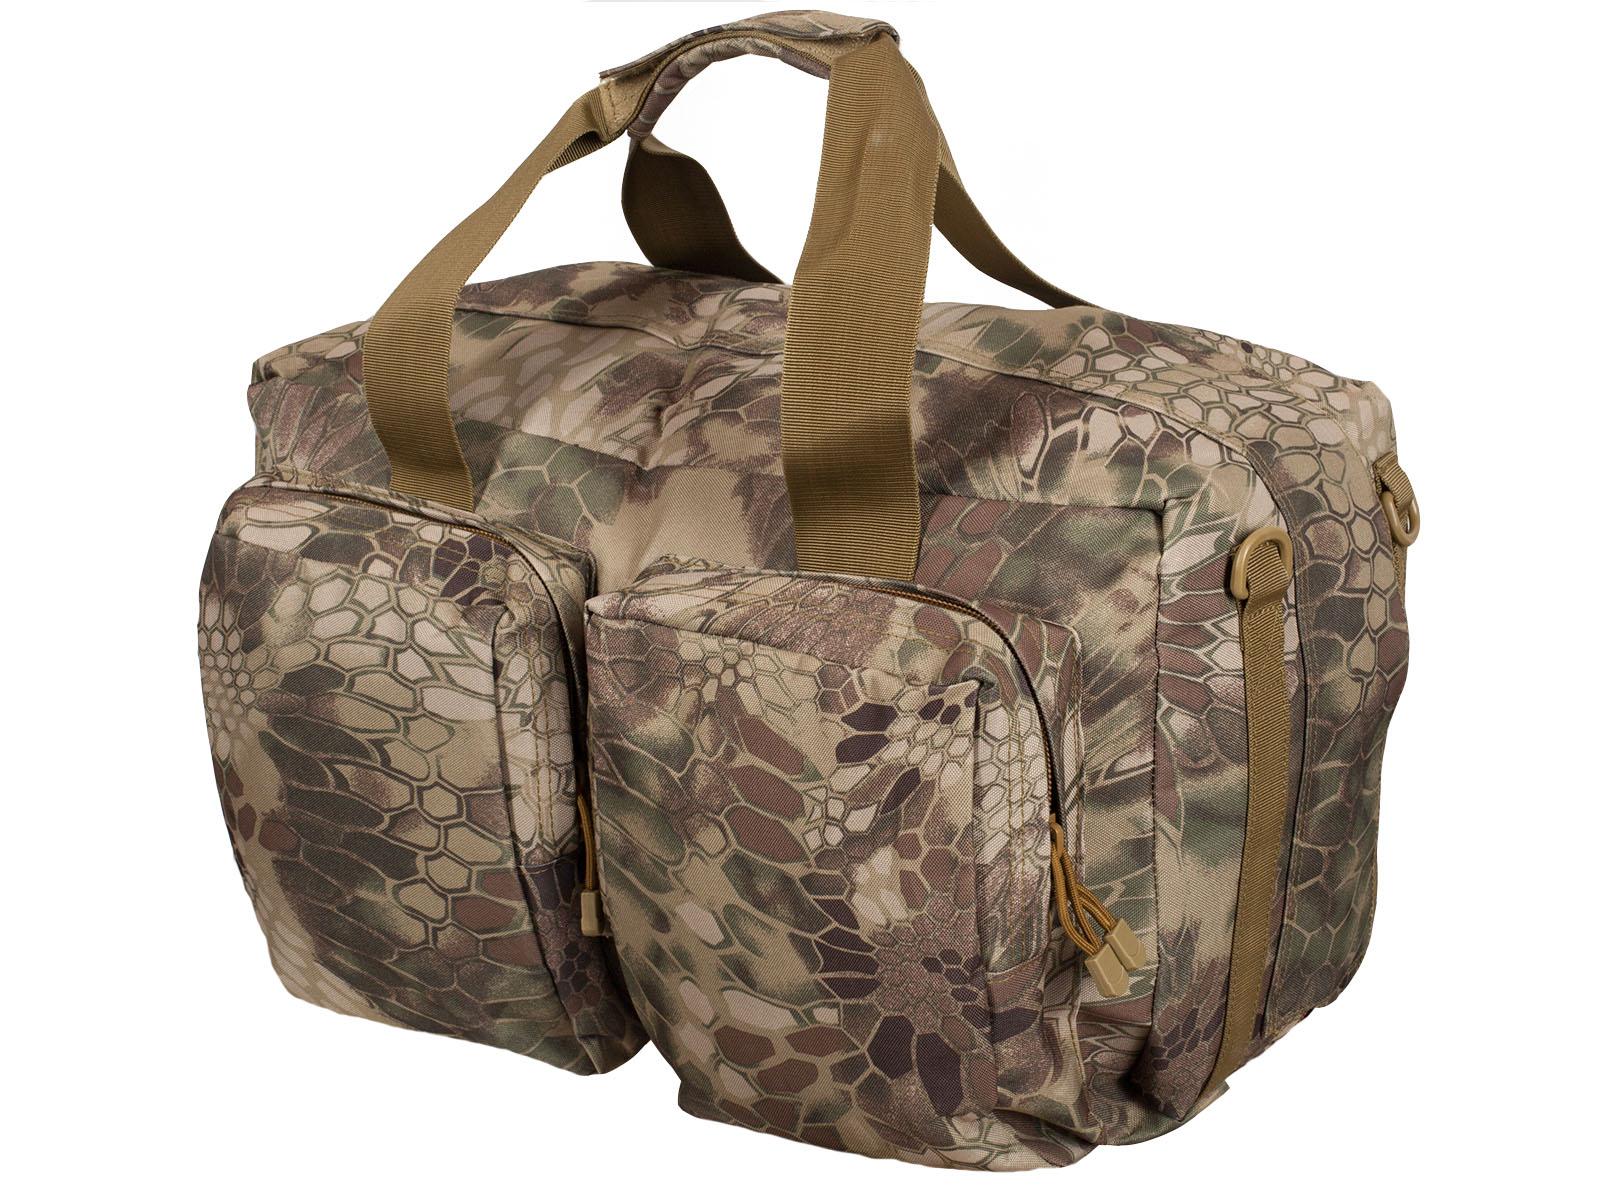 Камуфляжная сумка для походов РХБЗ - купить в подарок